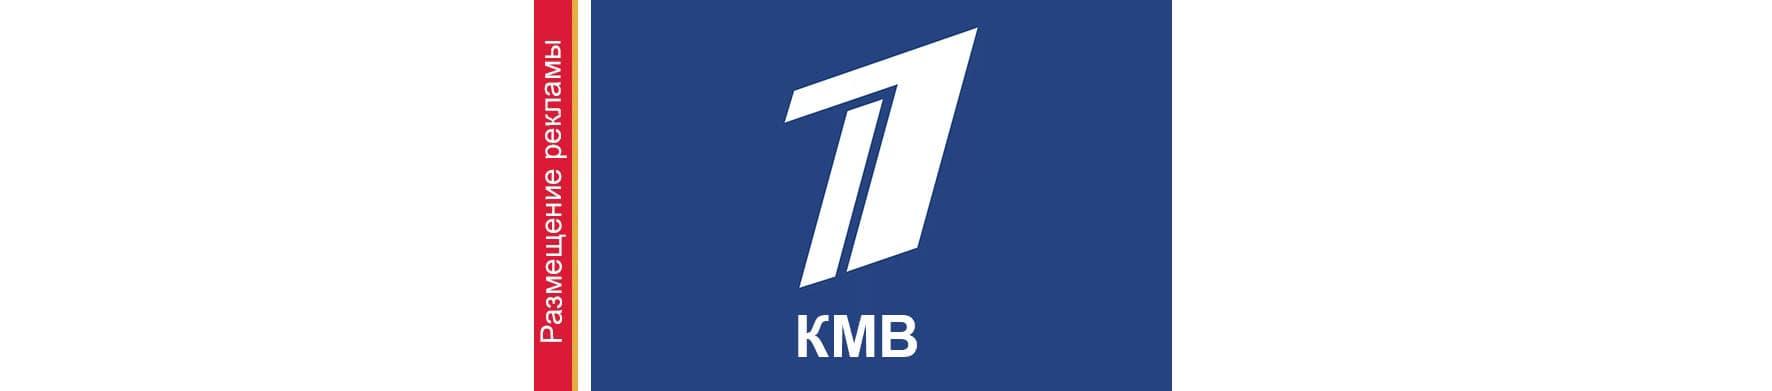 Реклама на телевидении в Ставропольском крае первый кмв